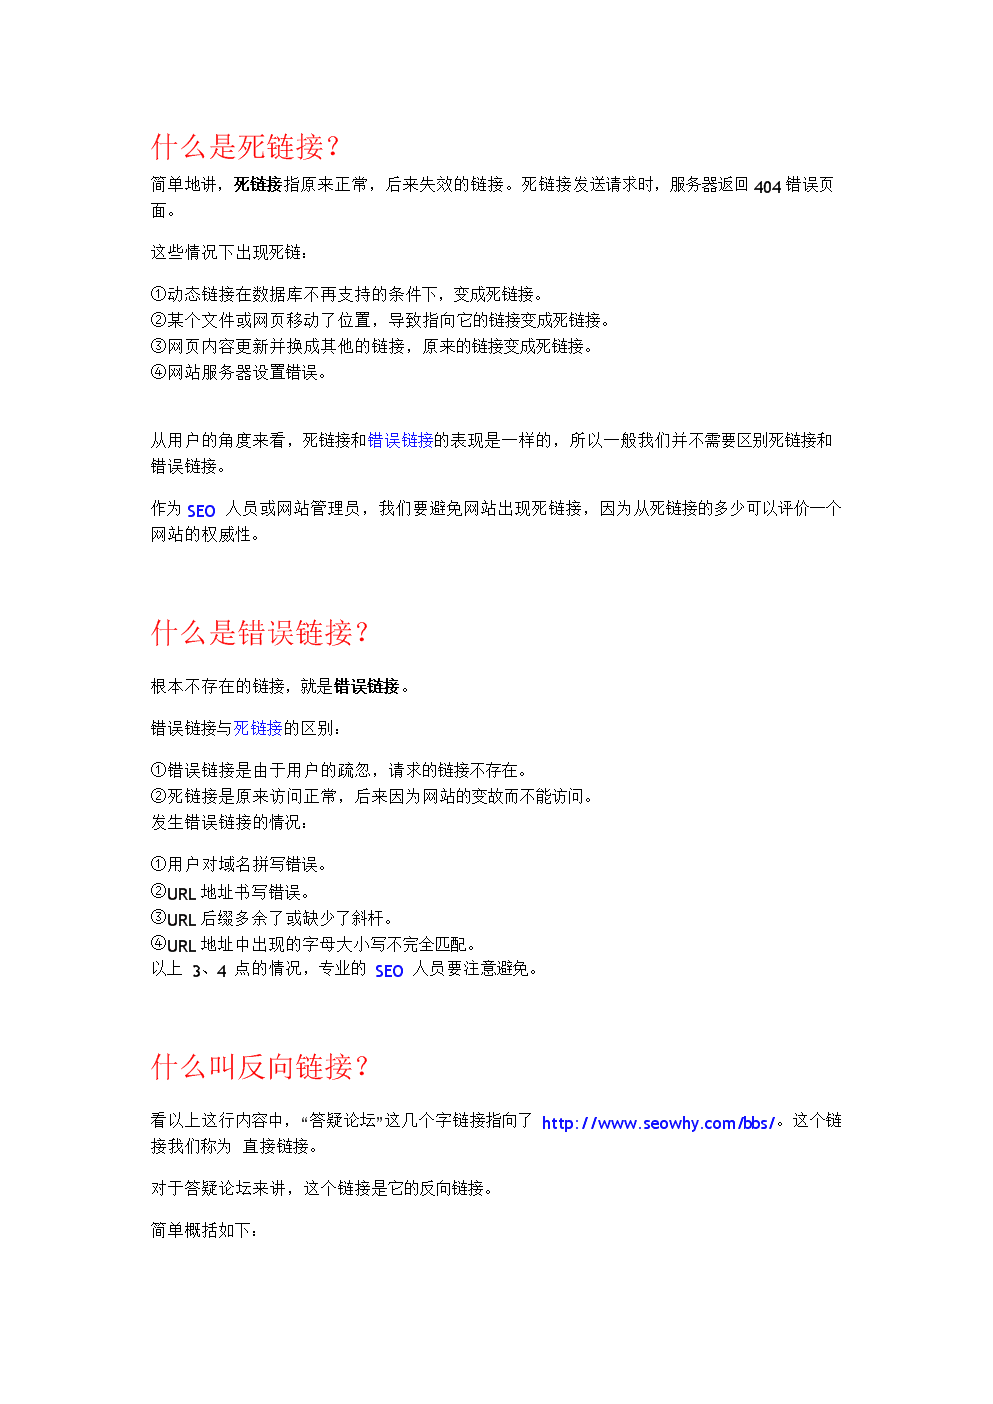 SEO入门丨SEO基础知识.doc